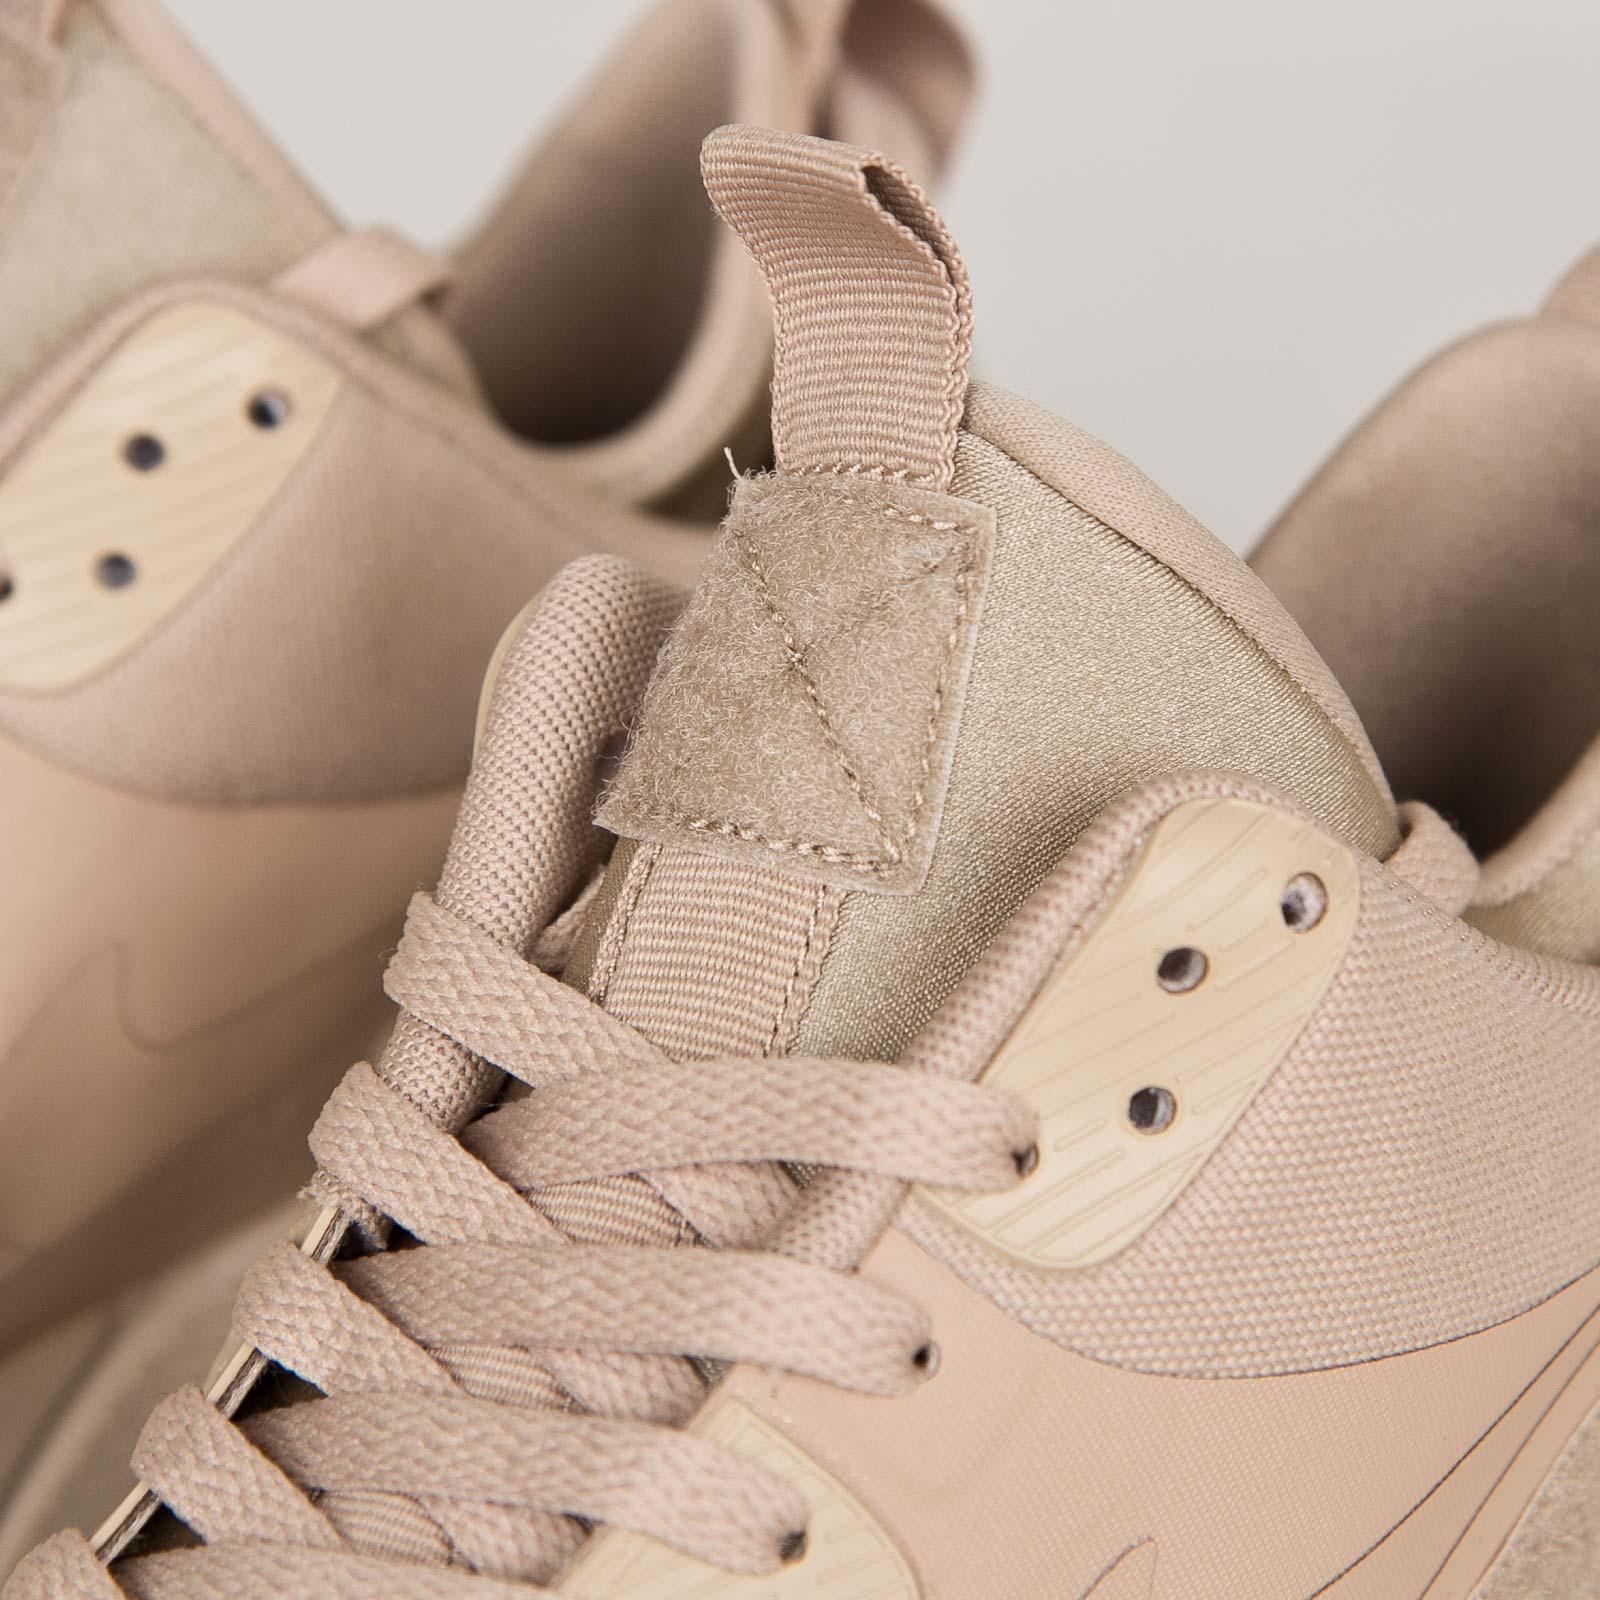 Nike Air Max 90 Sneakerboot SP 704570 200 Sneakersnstuff